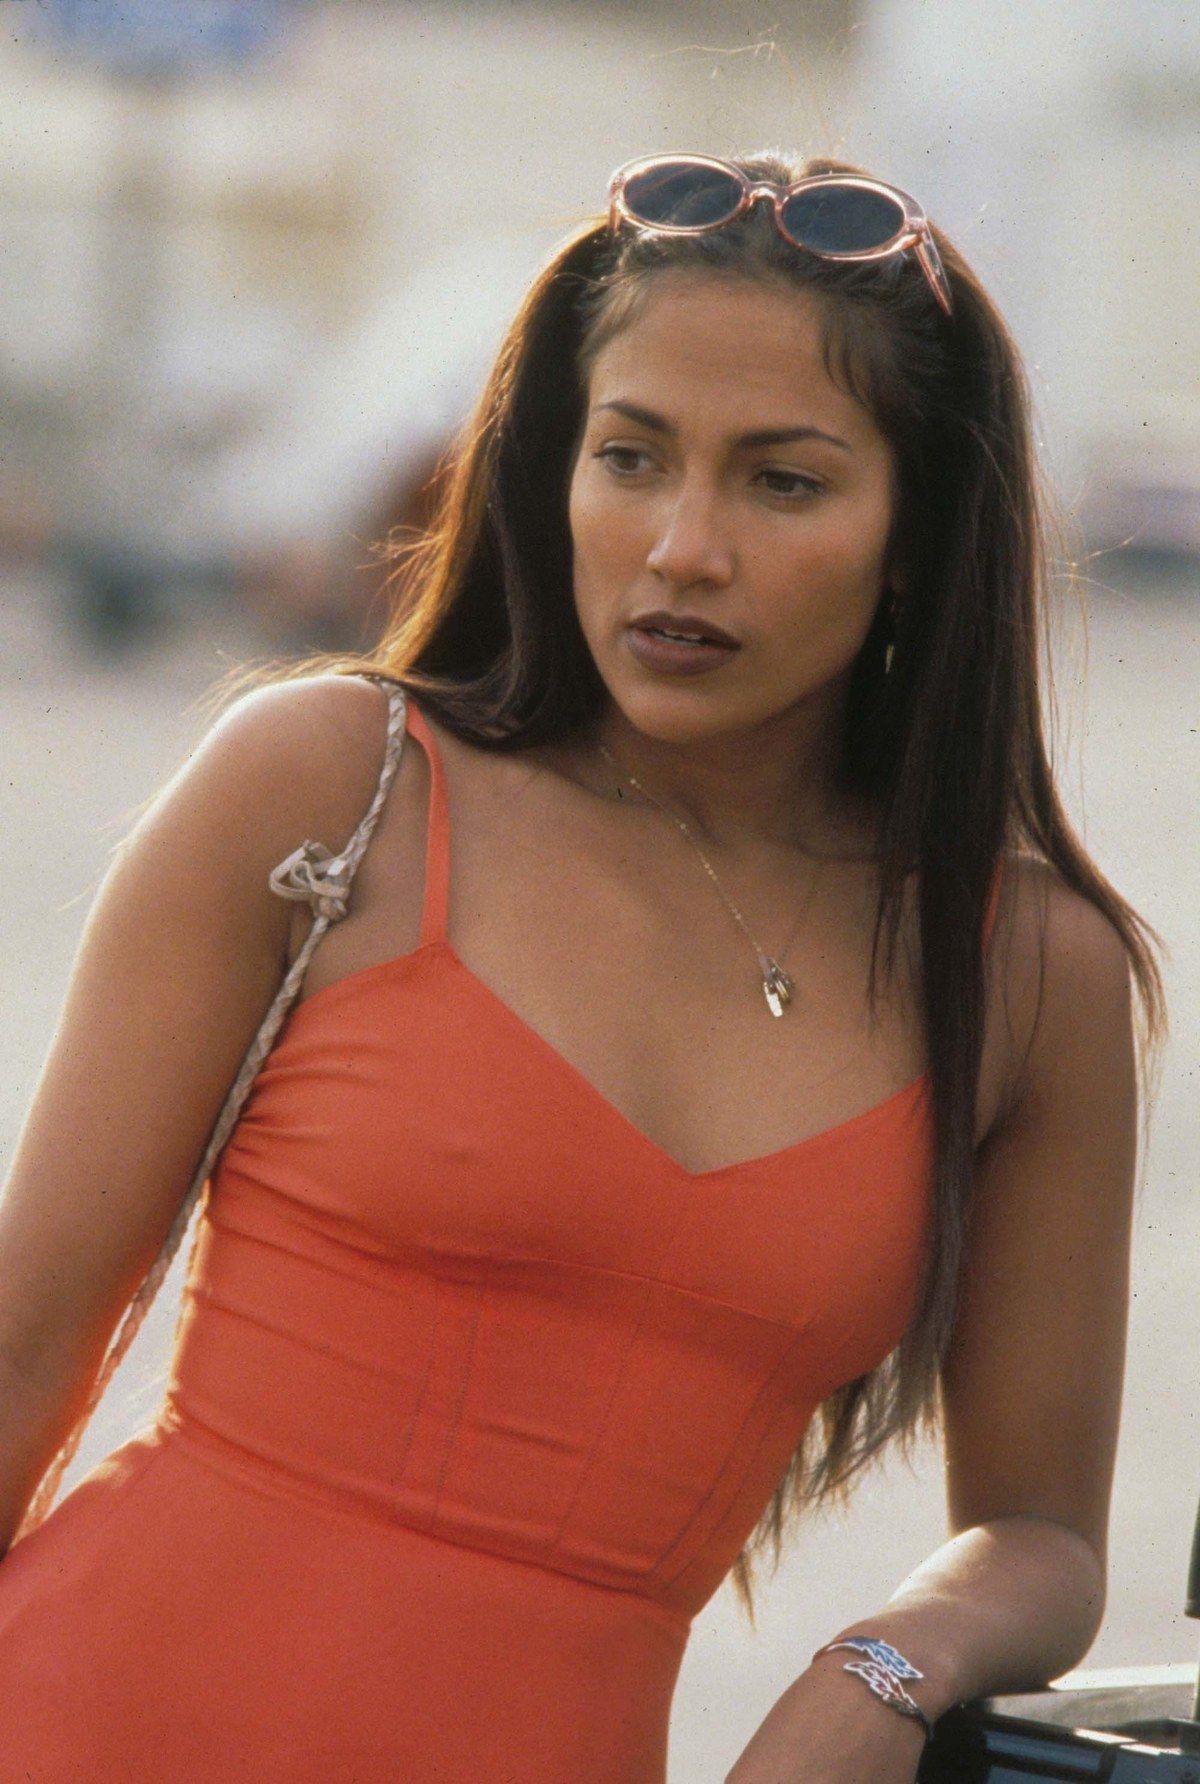 Jennifer Lopez's Best Body Moments